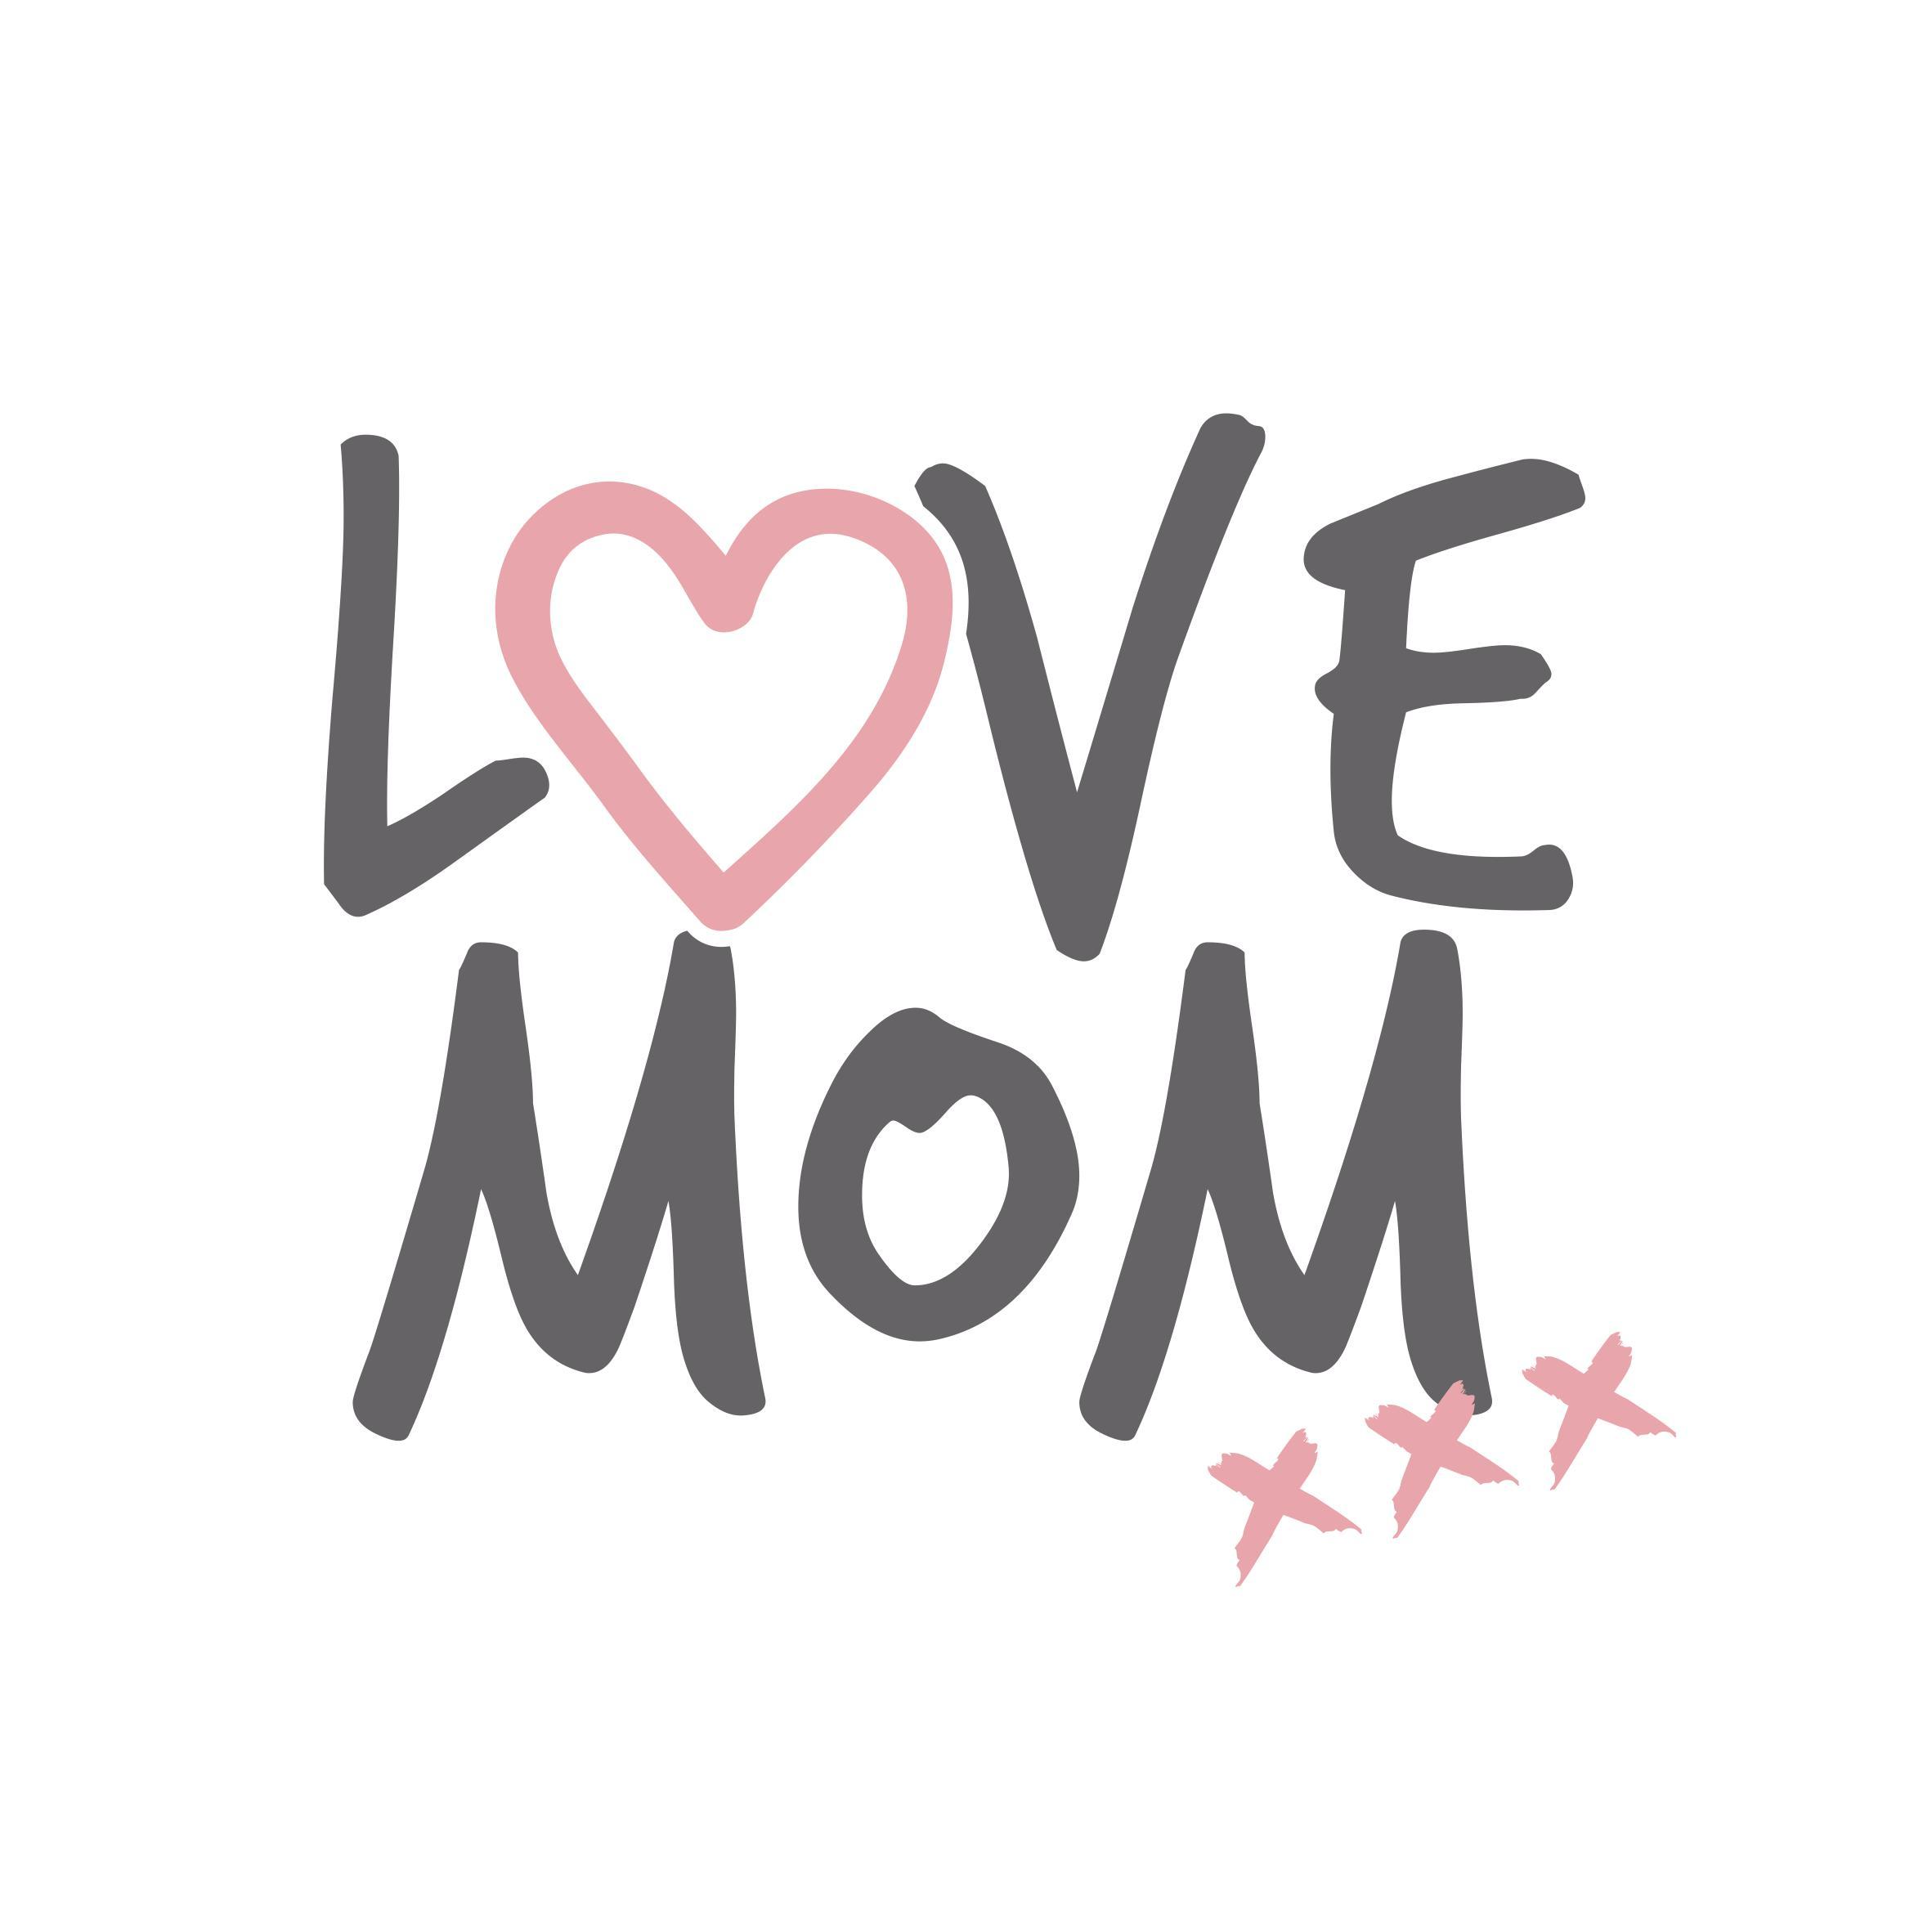 Love Mom's logo